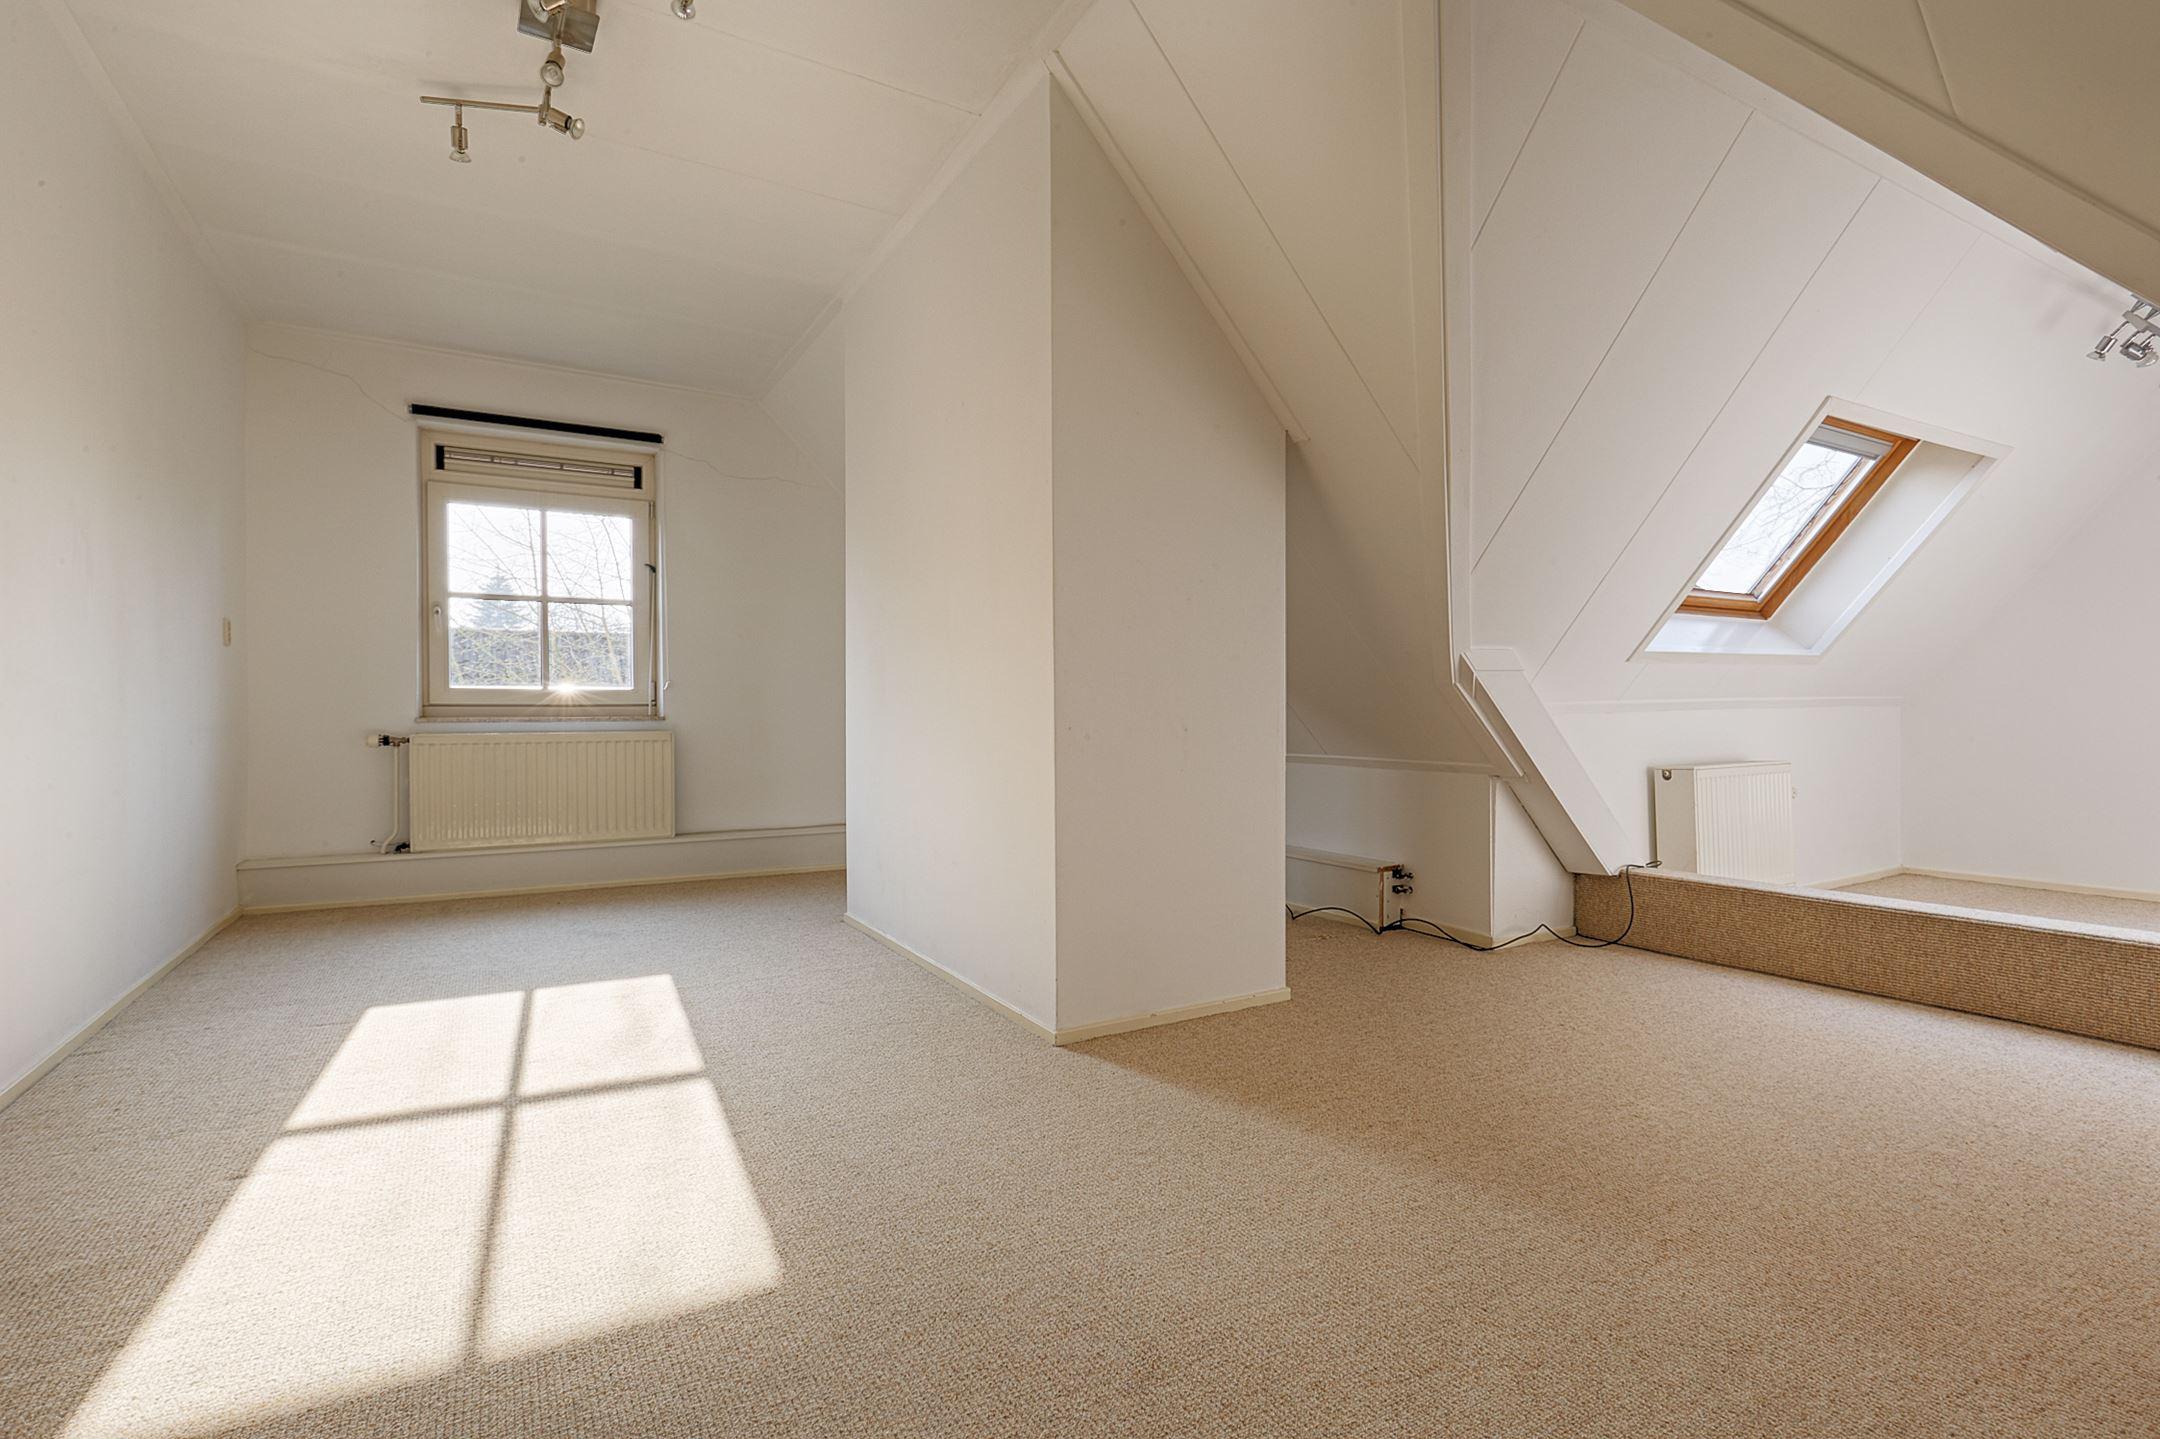 Verkocht van bommellaan 15 2245 vn wassenaar funda - Lay outs oud huis ...